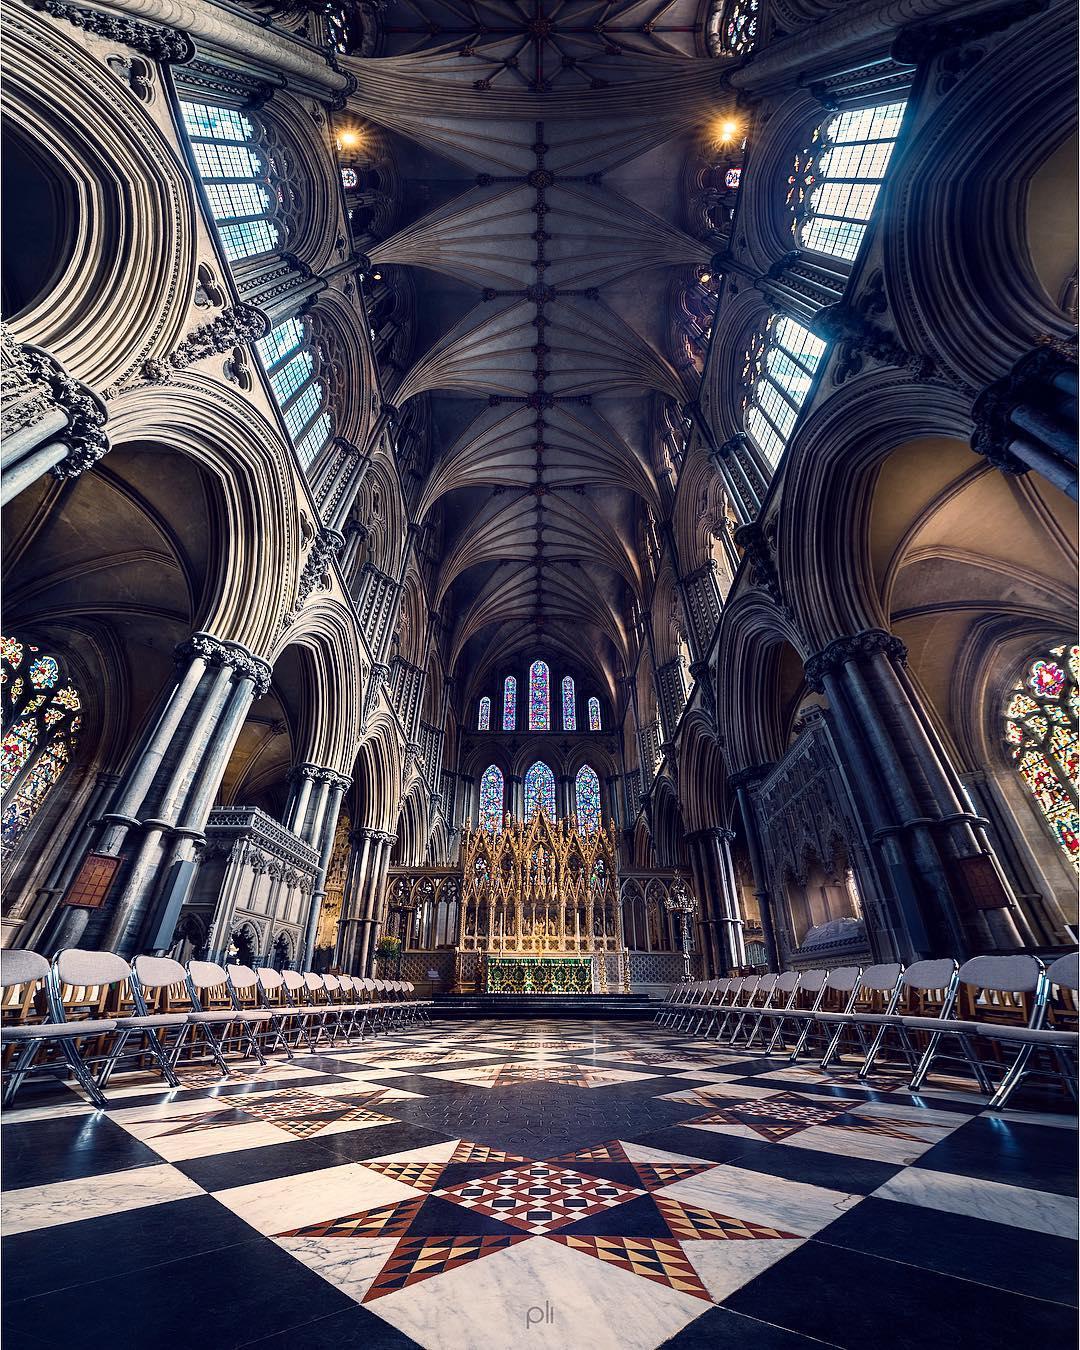 Архитектурные панорамы от Питера Ли